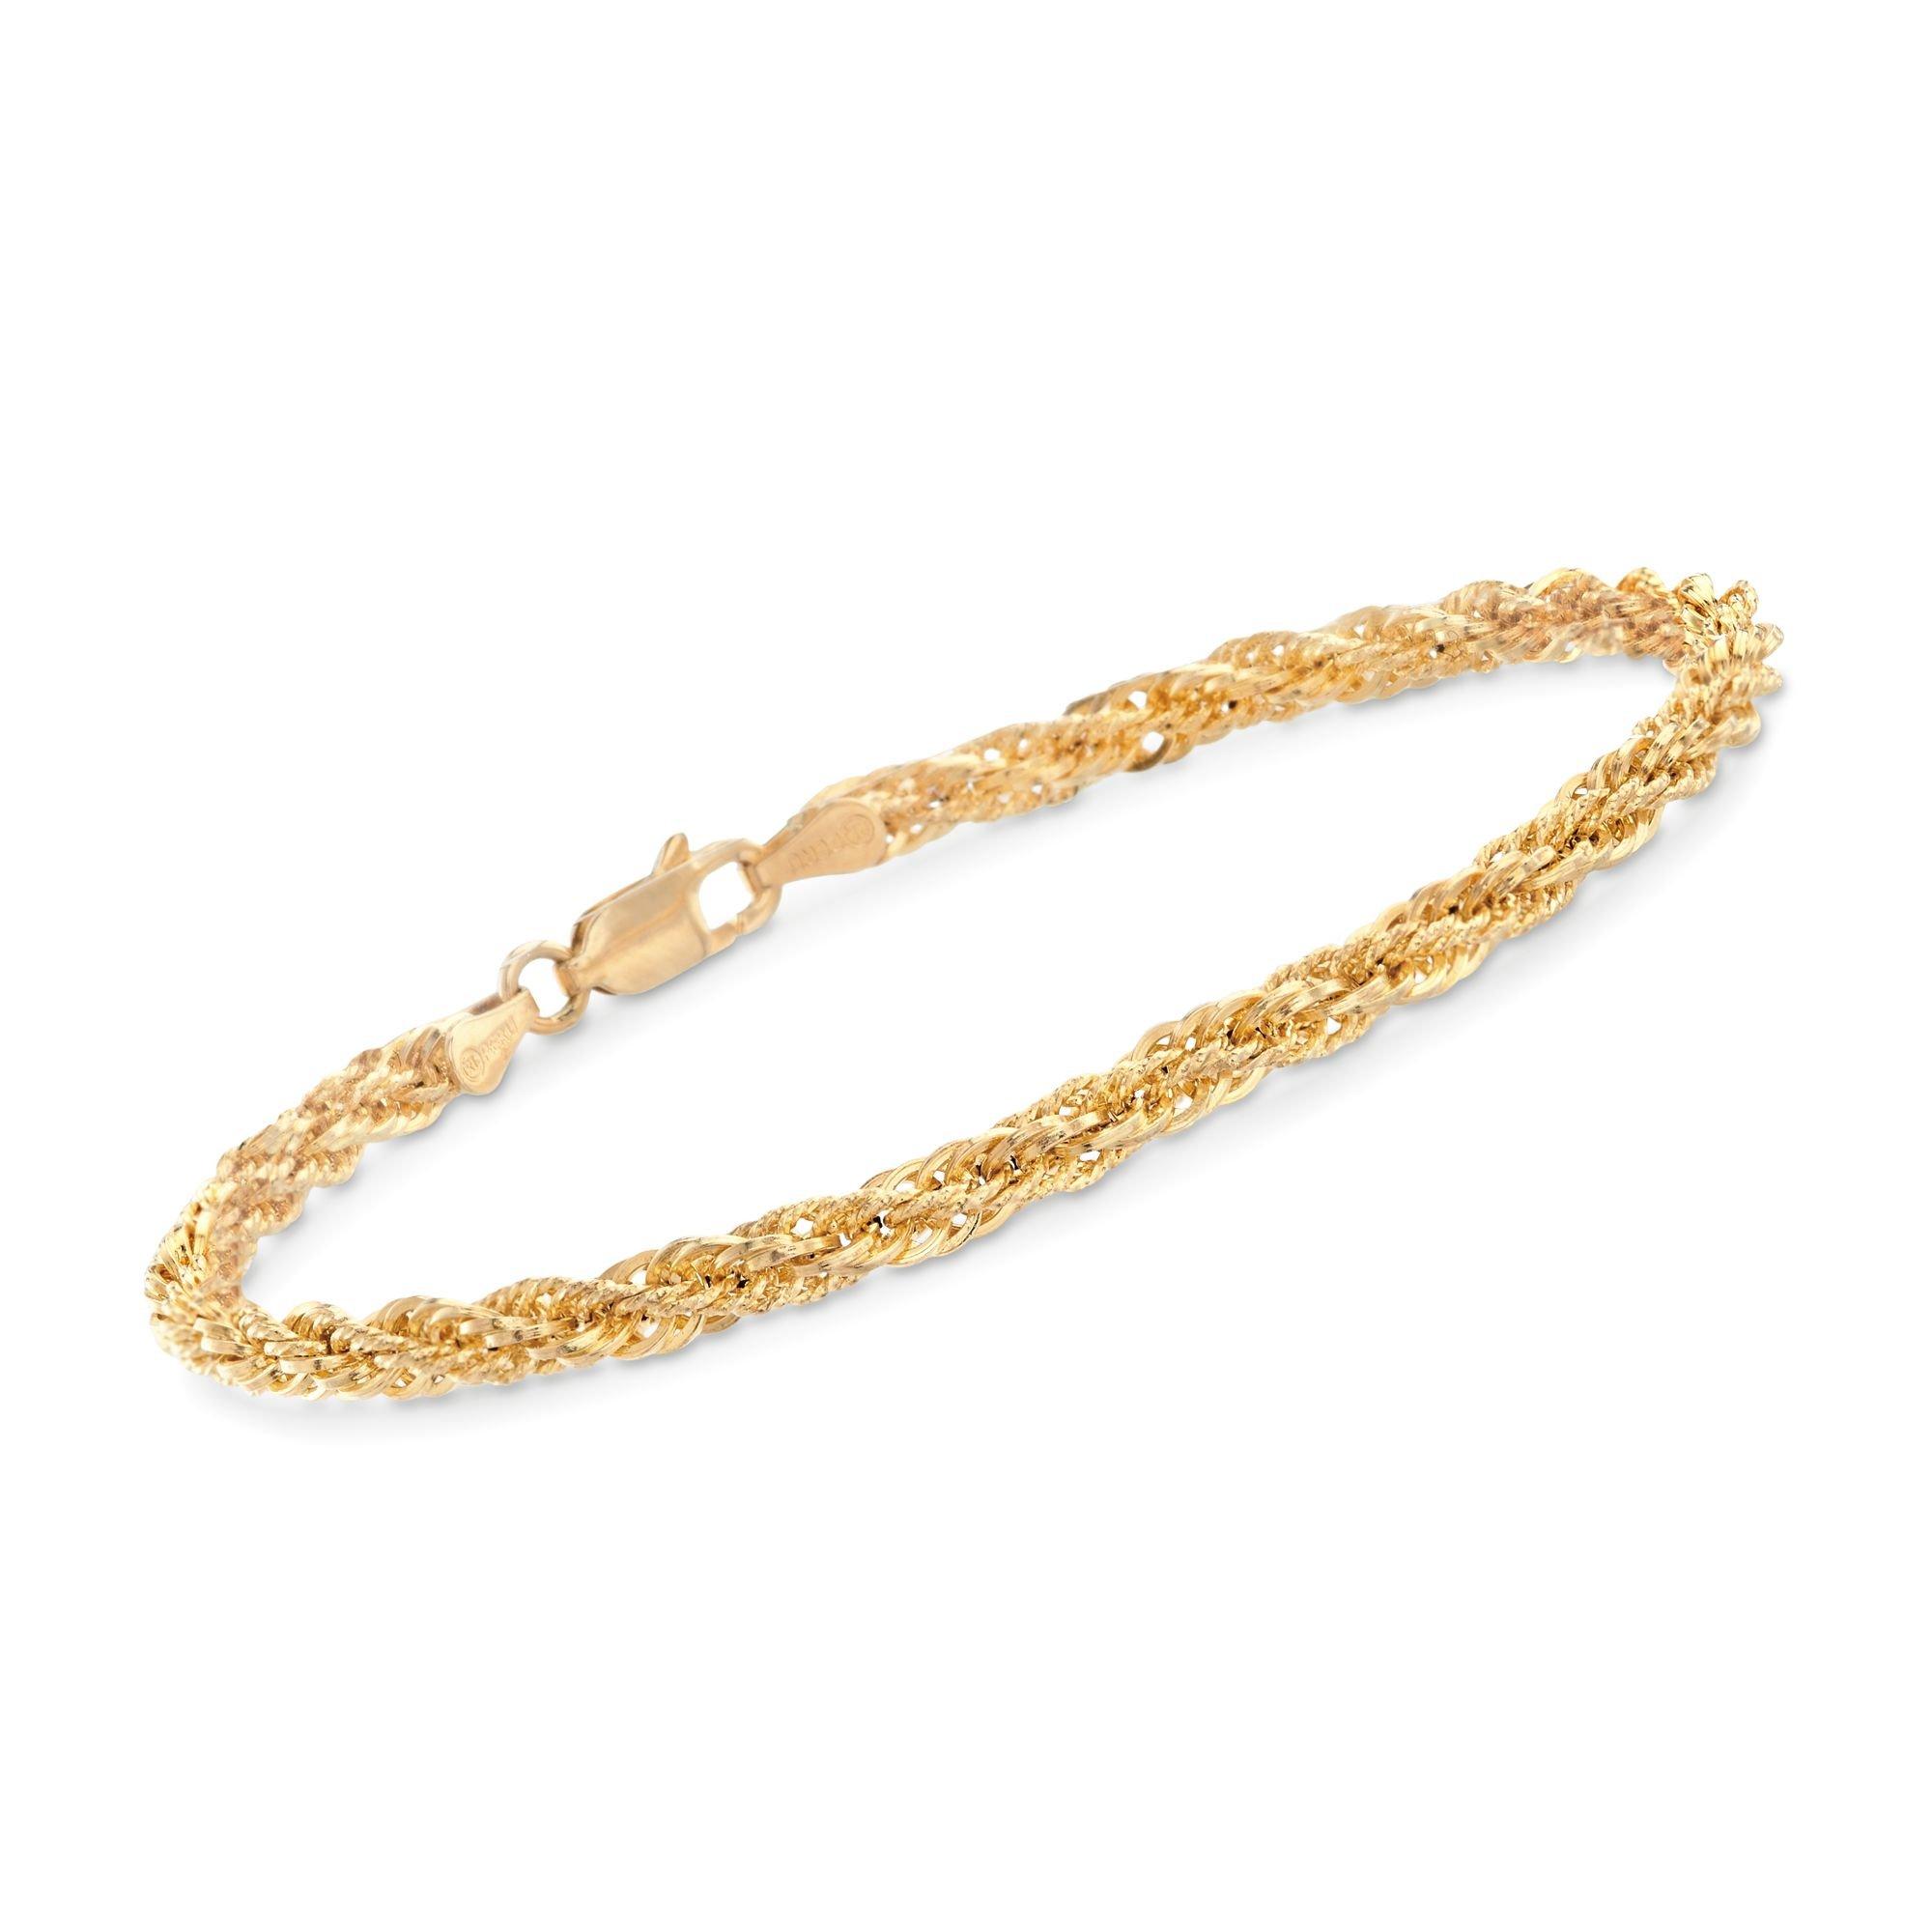 Ross-Simons 14kt Yellow Gold Rope Bracelet